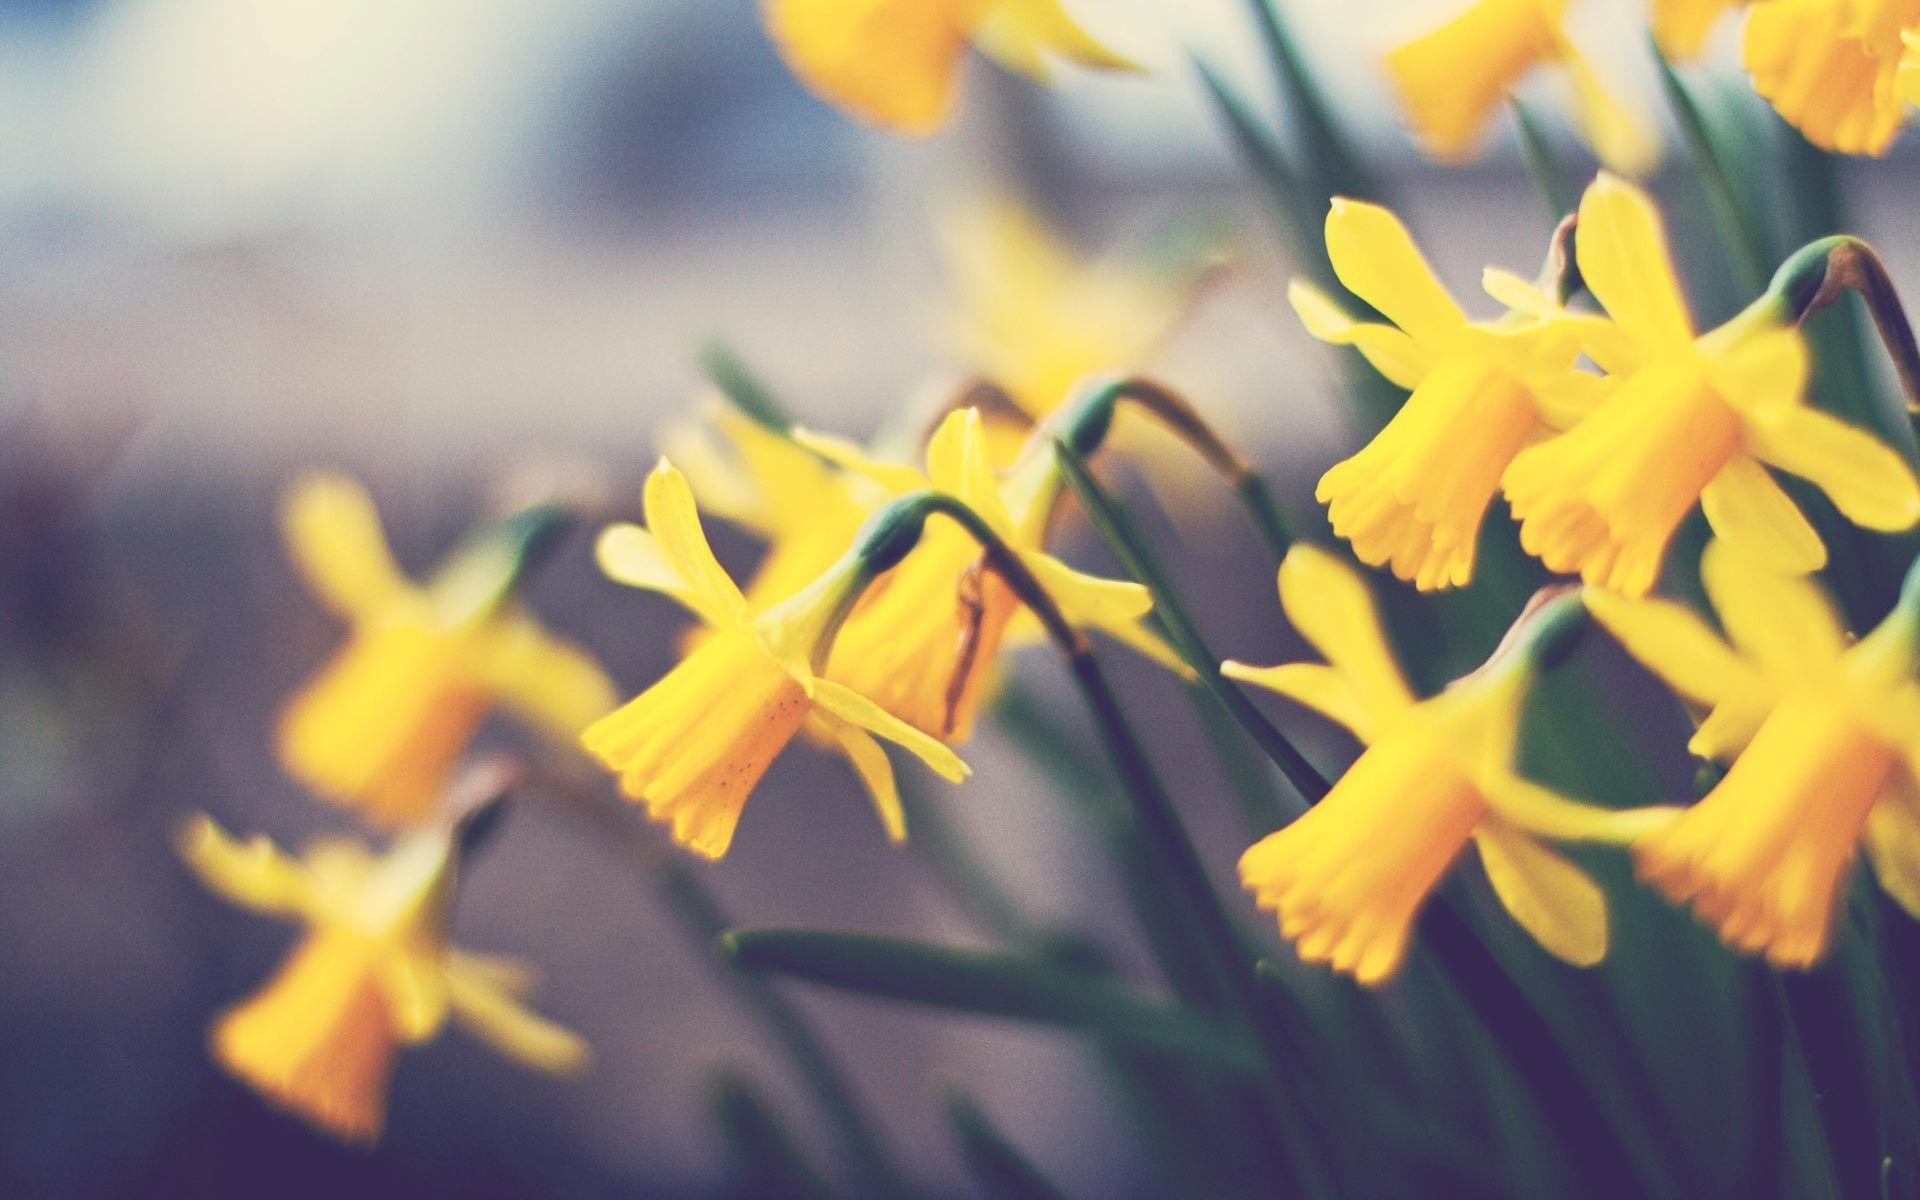 Daffodils Wallpaper 20841 1920x1200 Px Daffodils Daffodil Flower Yellow Daffodils